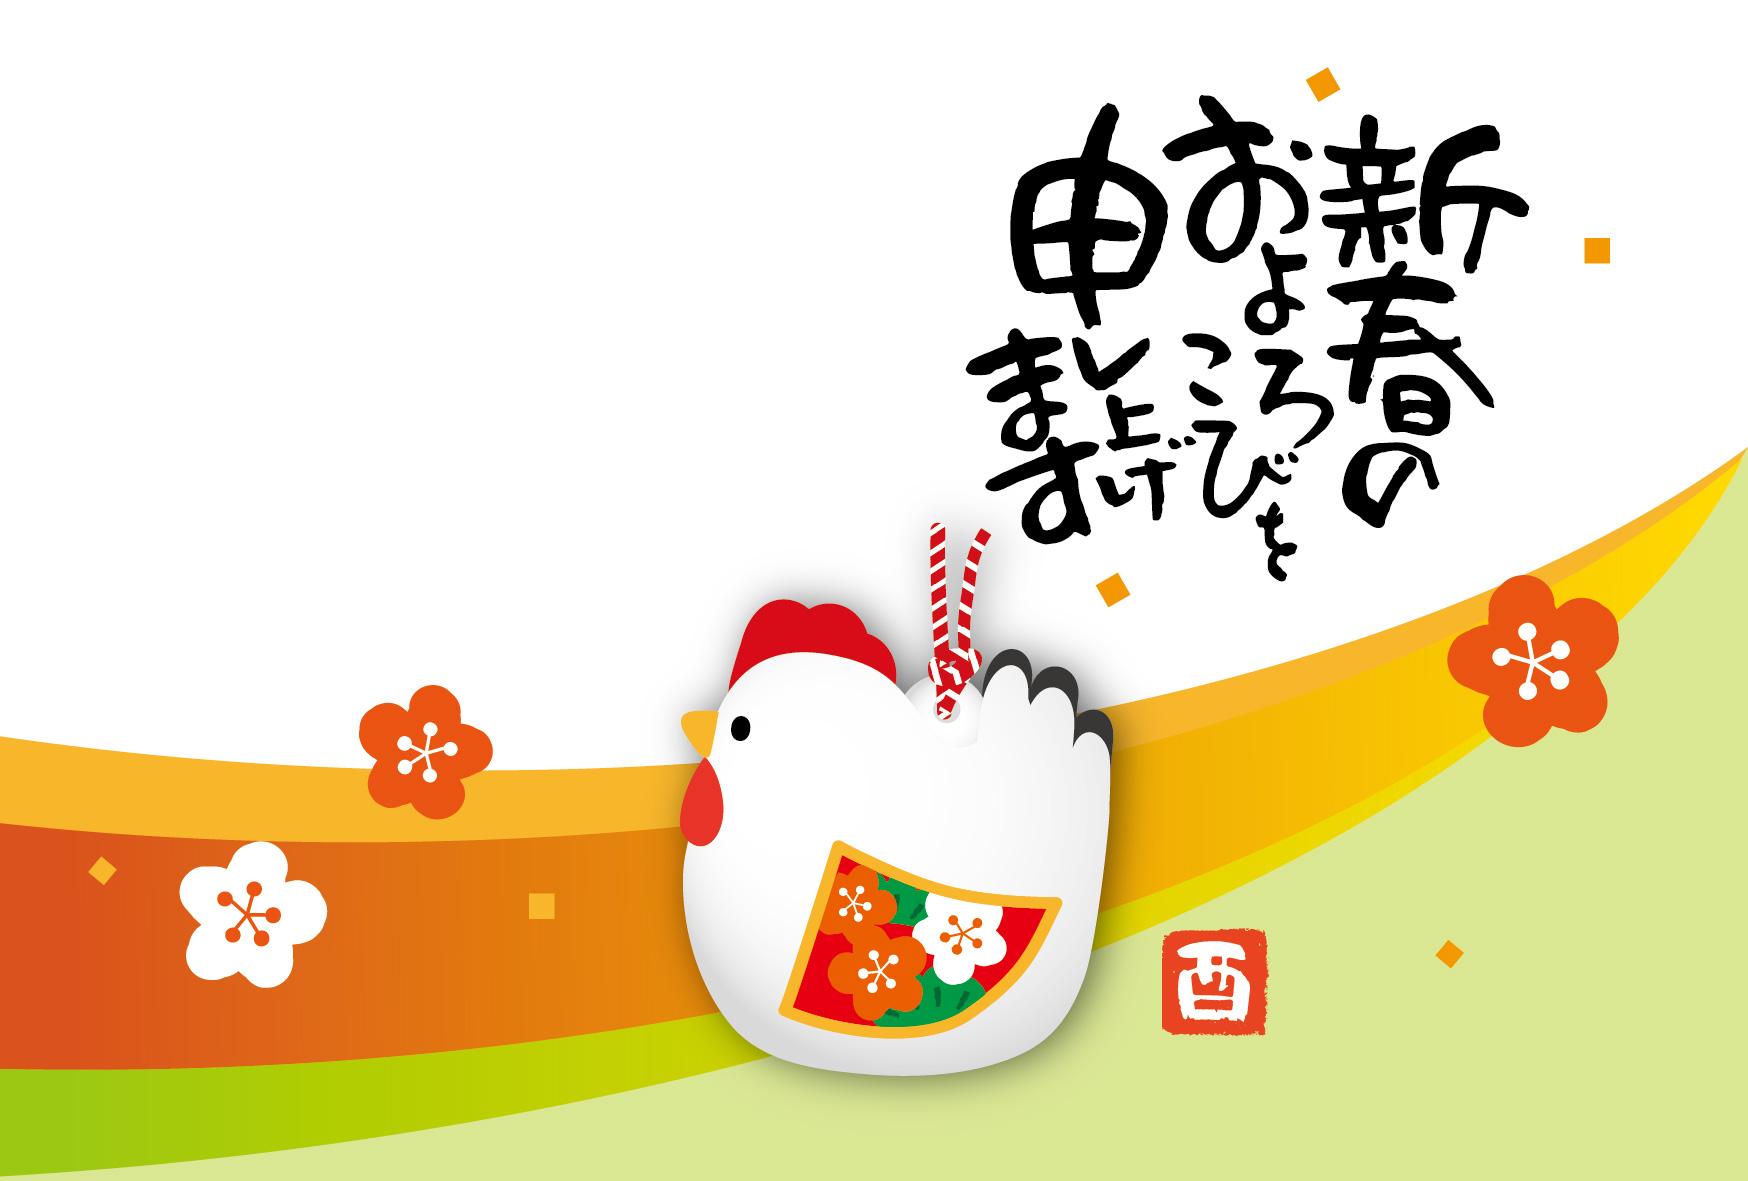 Carta De Felicitaciones De Navidad Y Ano Nuevo.Felicitaciones De Ano Nuevo Japones Online